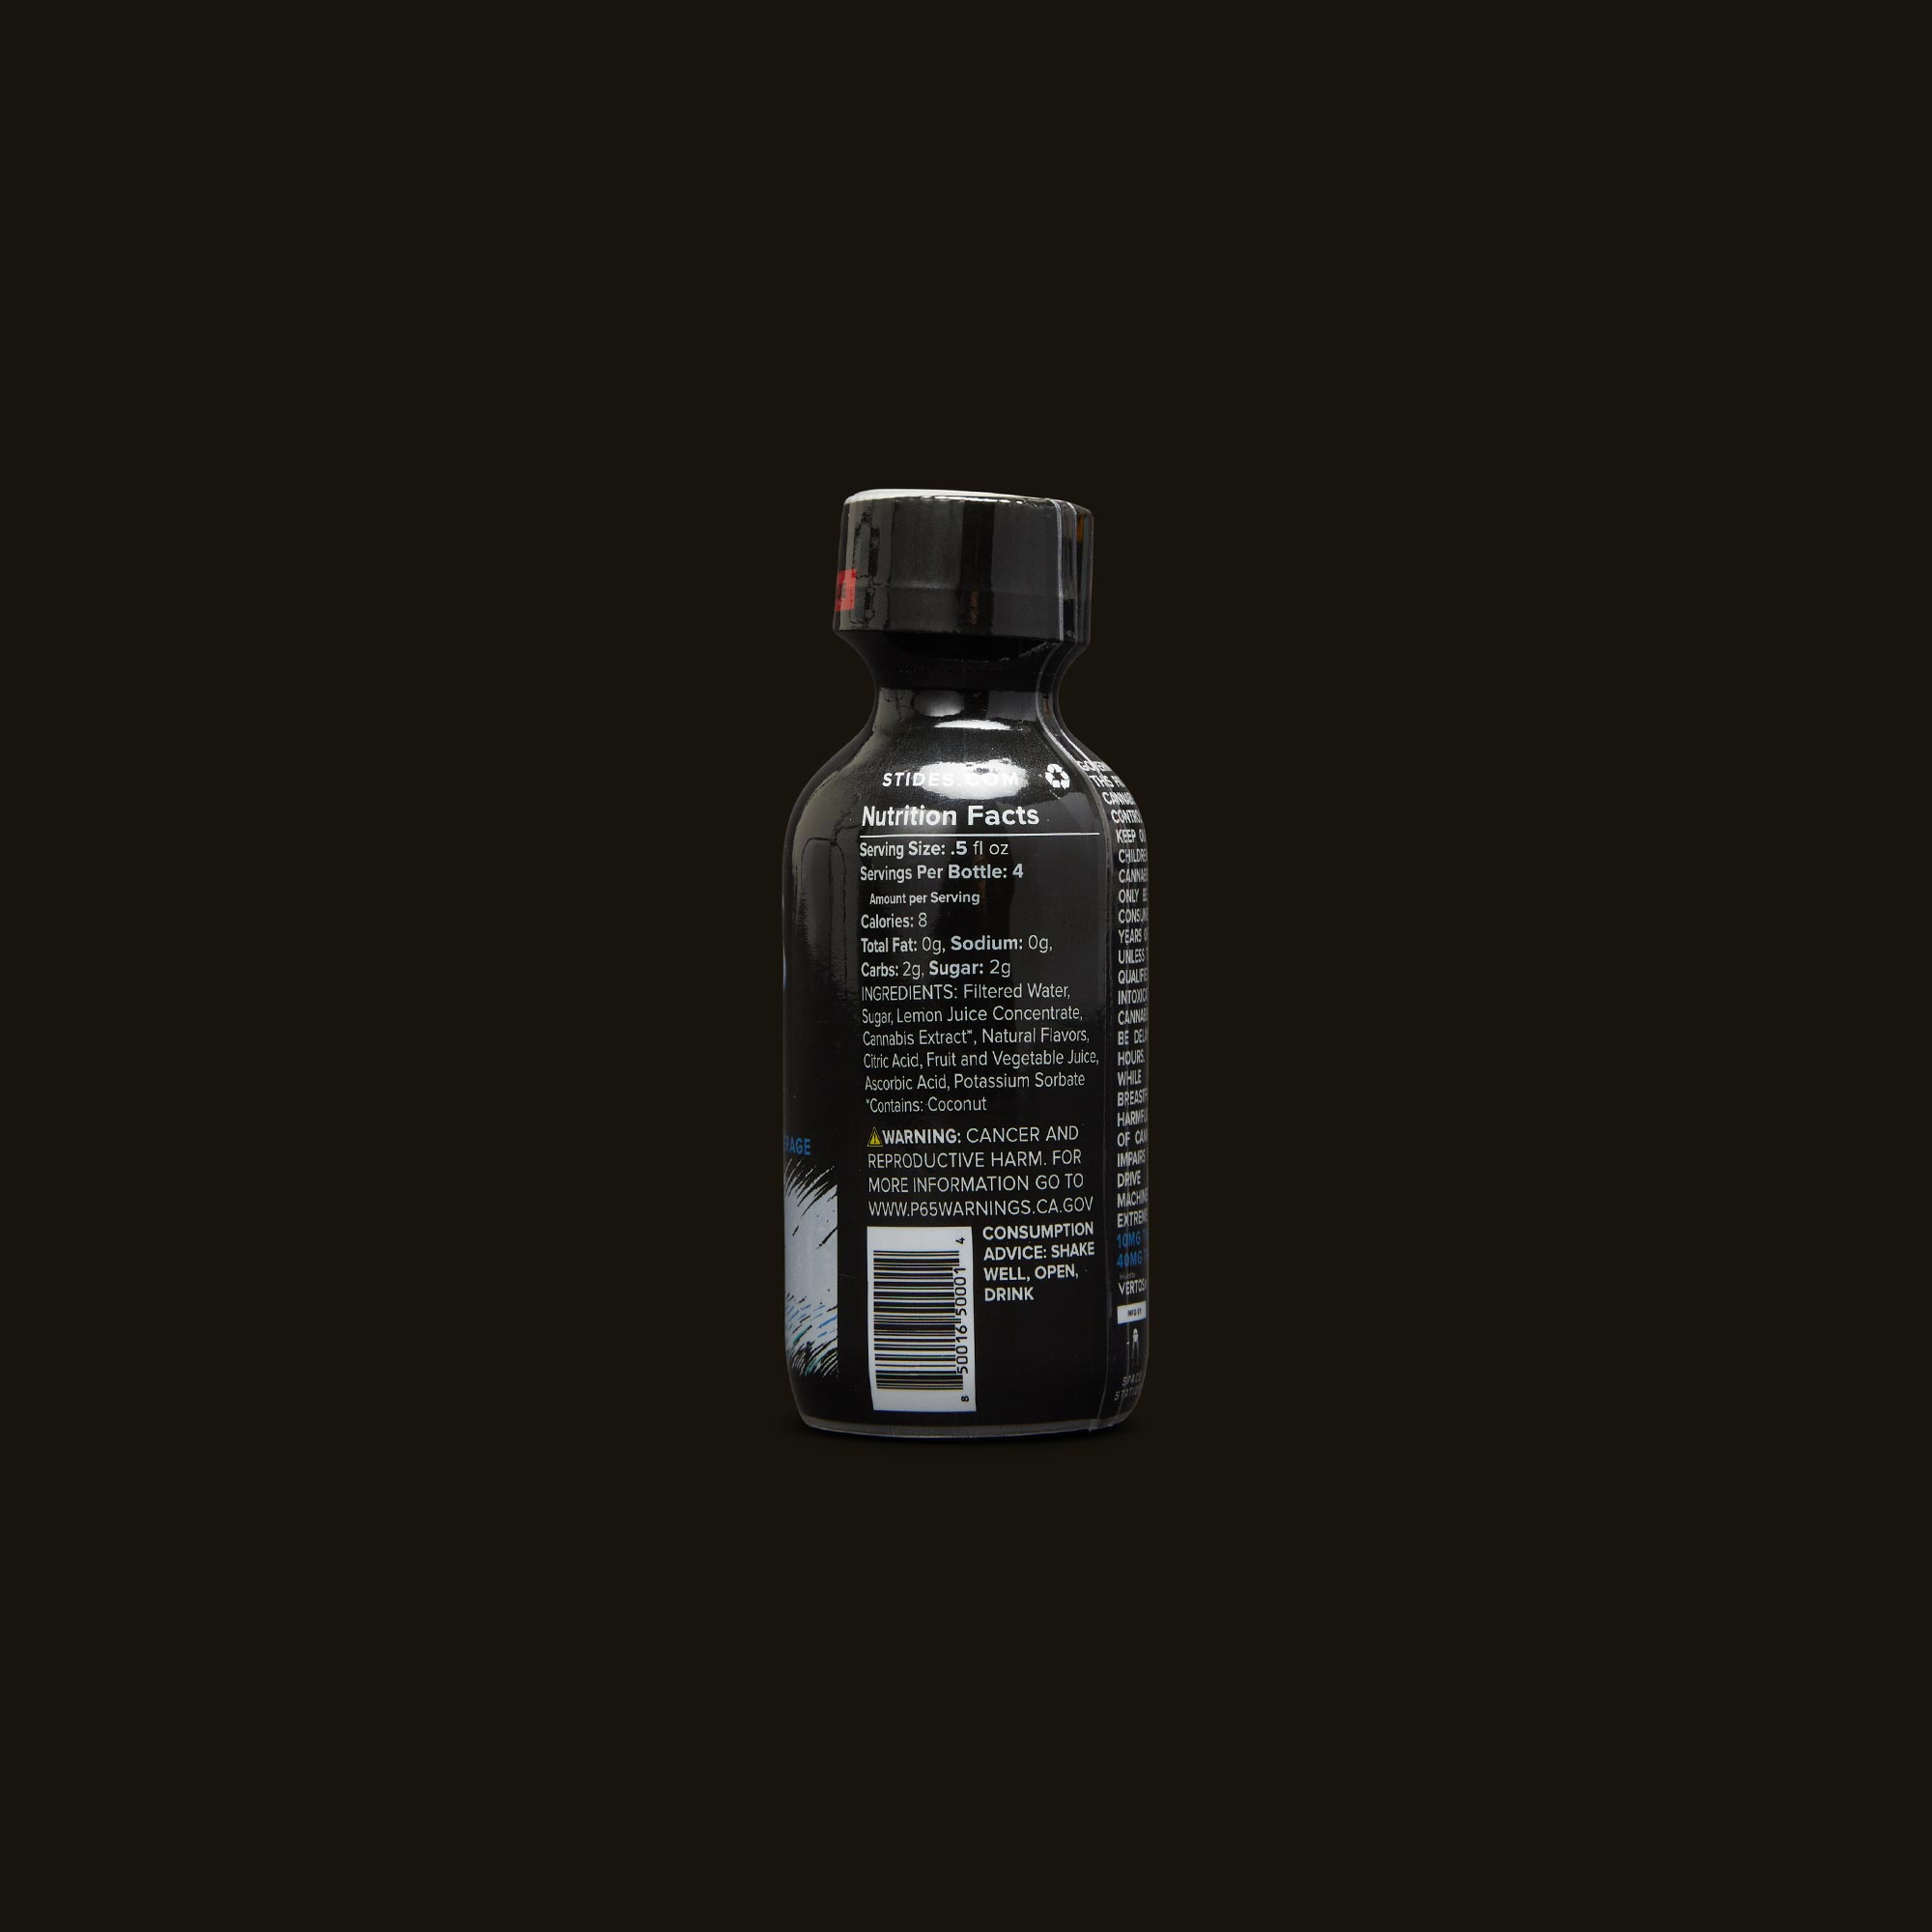 St Ides Sour Diesel Infused Shot Ingredients